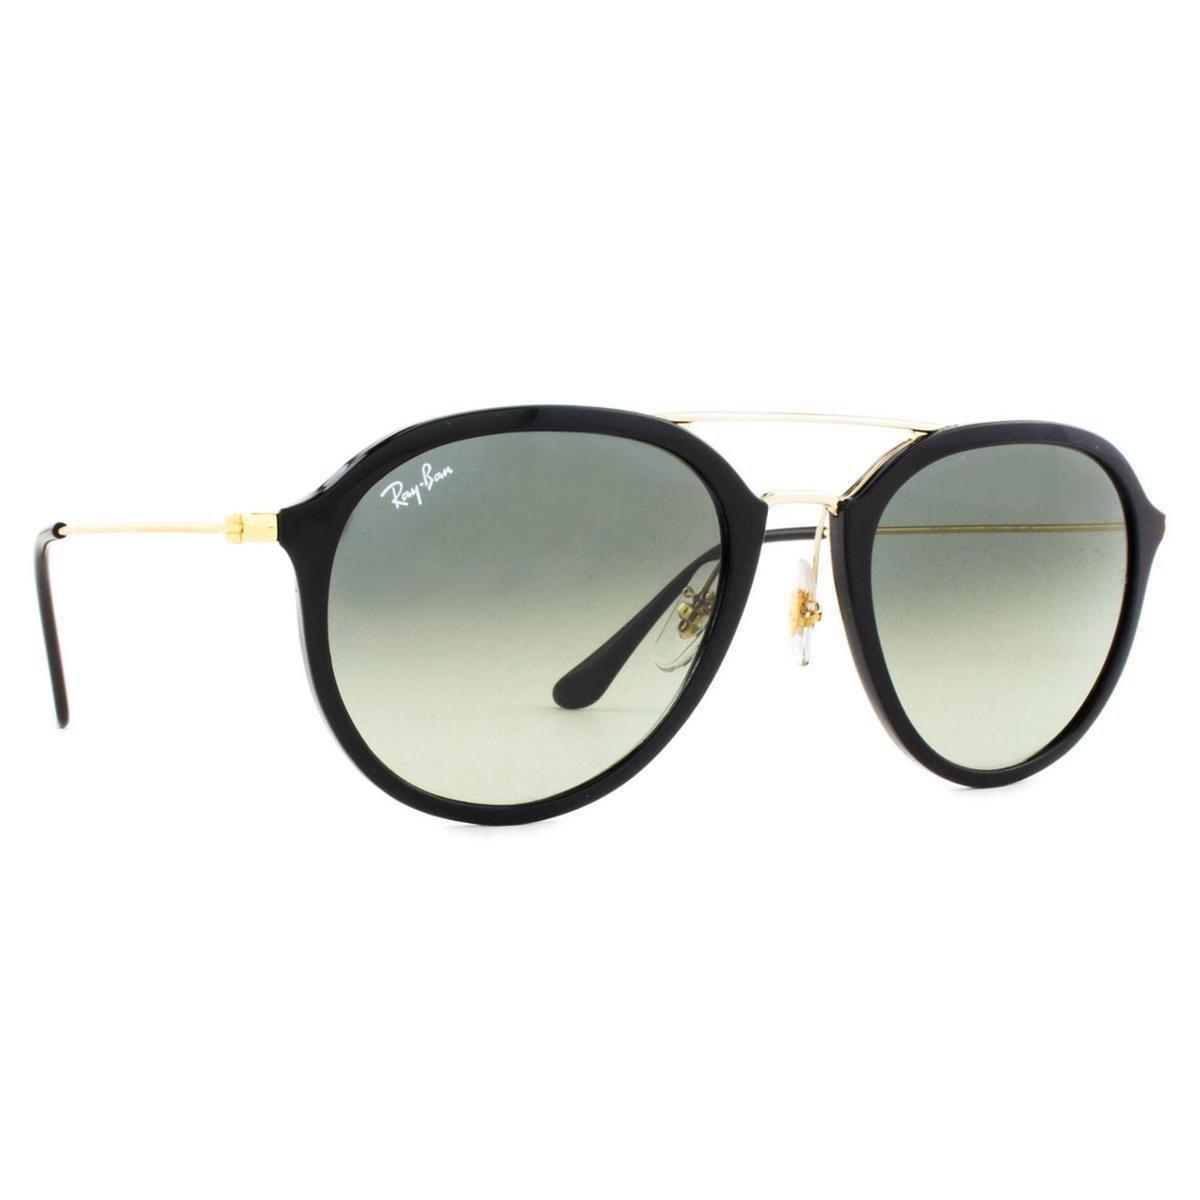 000fe0ade94dd Óculos de Sol Ray Ban RB4253 601 71-53 Feminino - Compre Agora   Zattini